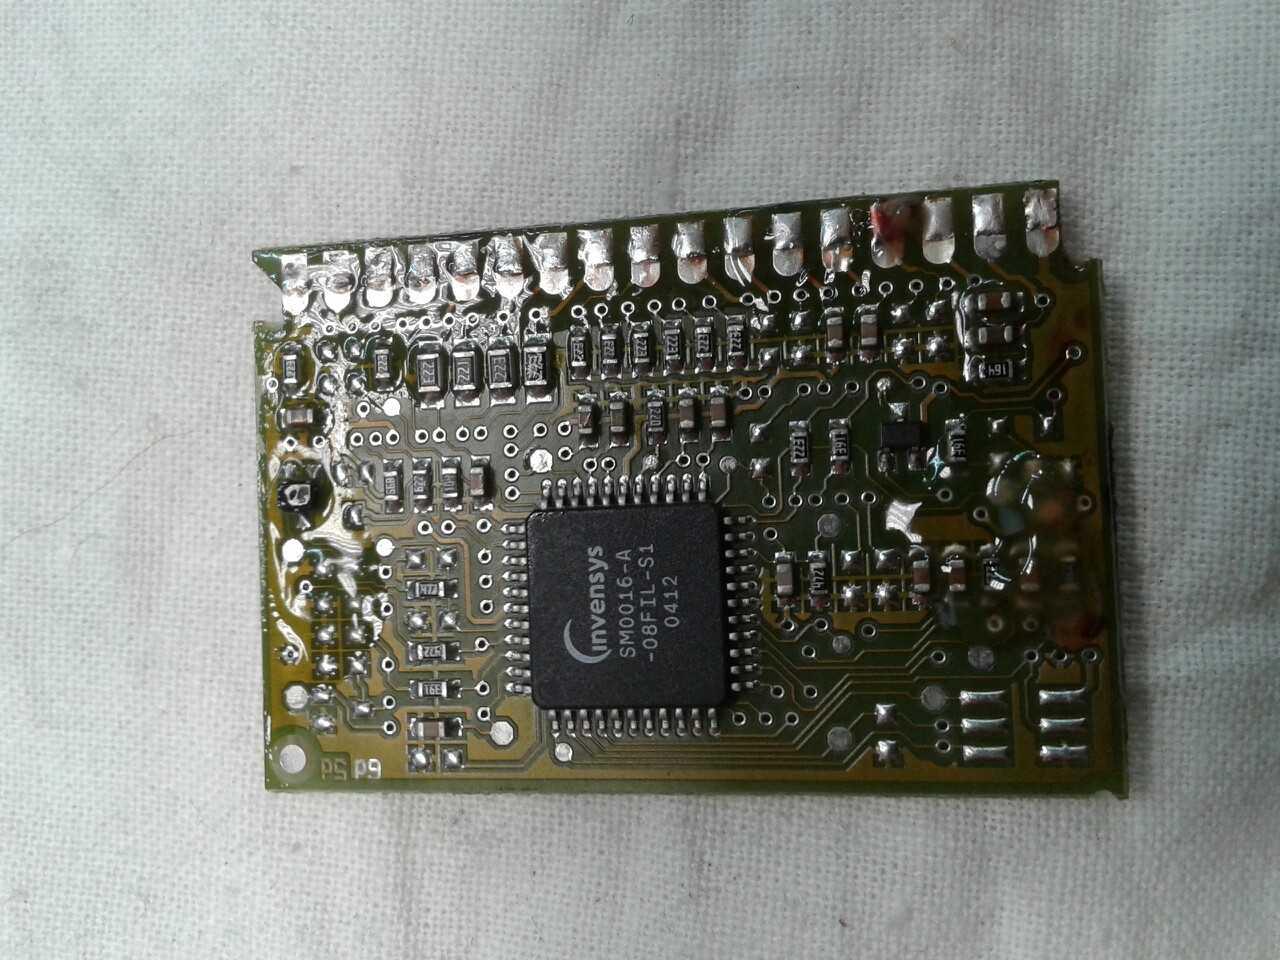 Замена или перепрошивка микроконтроллера Invensys.